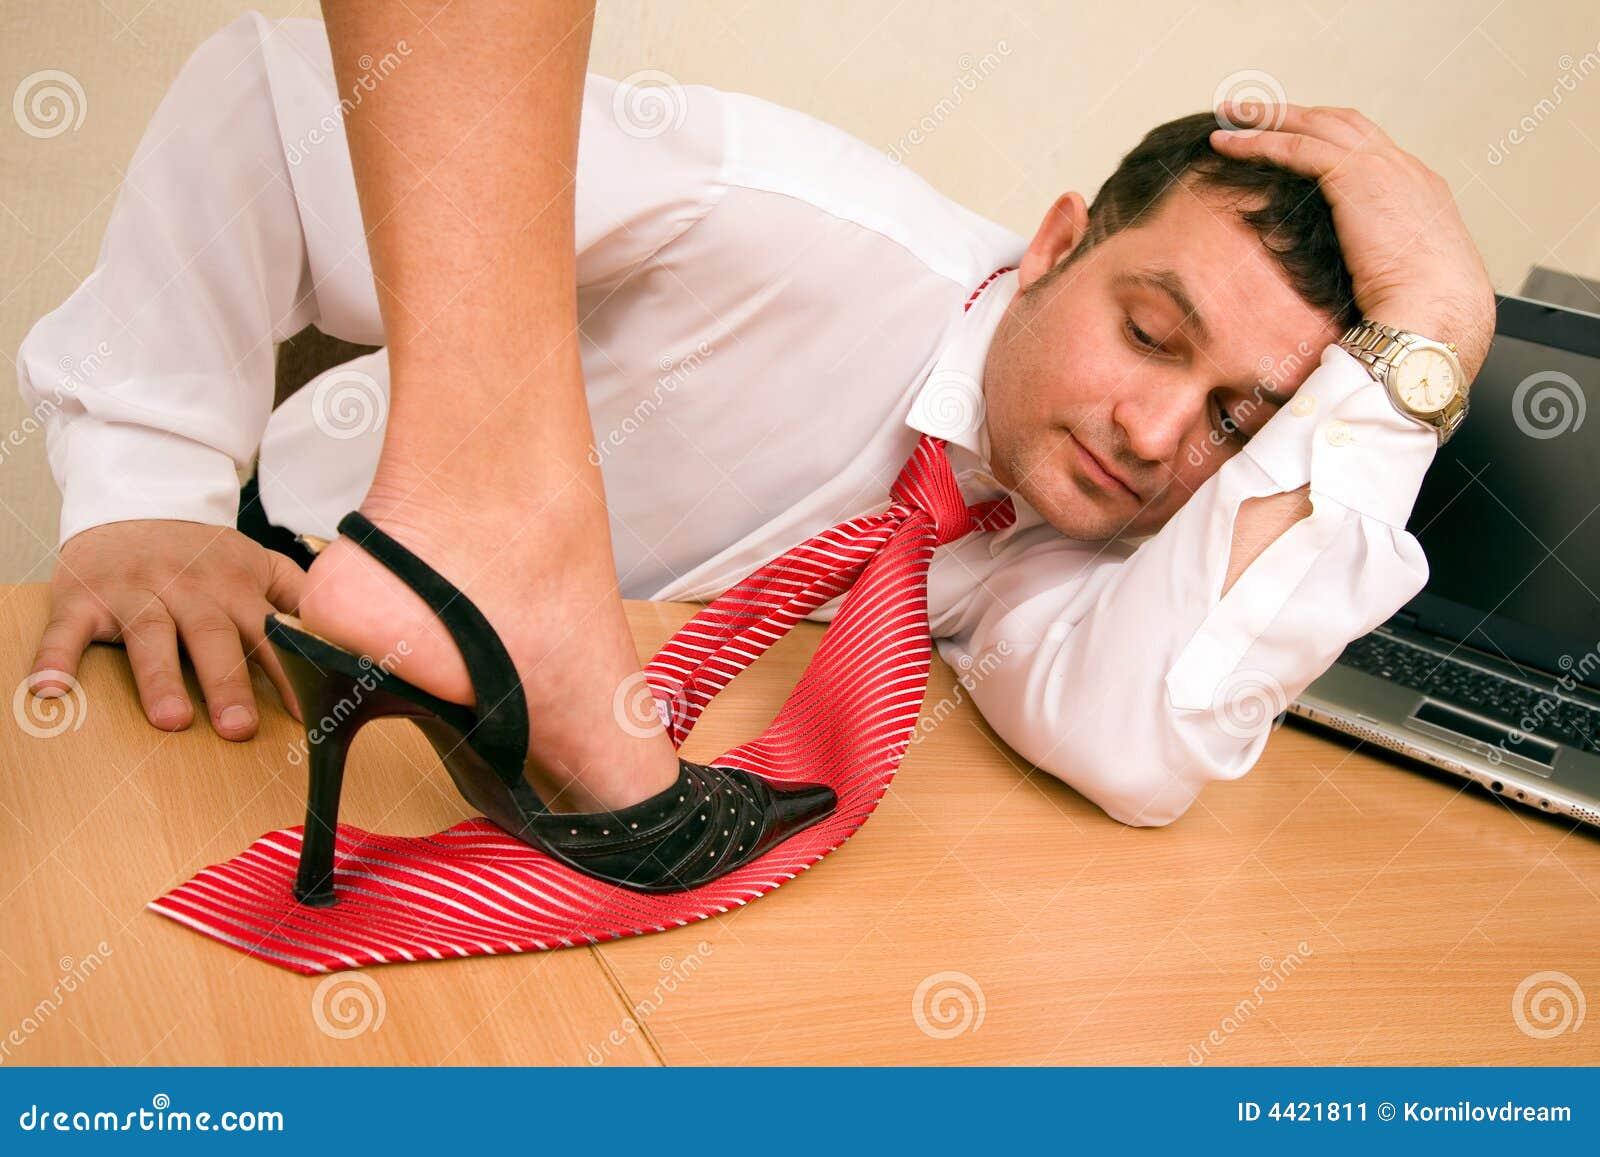 Теща заставляет лизать, Порнотеща заставила зятя лизать пизду смотреть 1 фотография